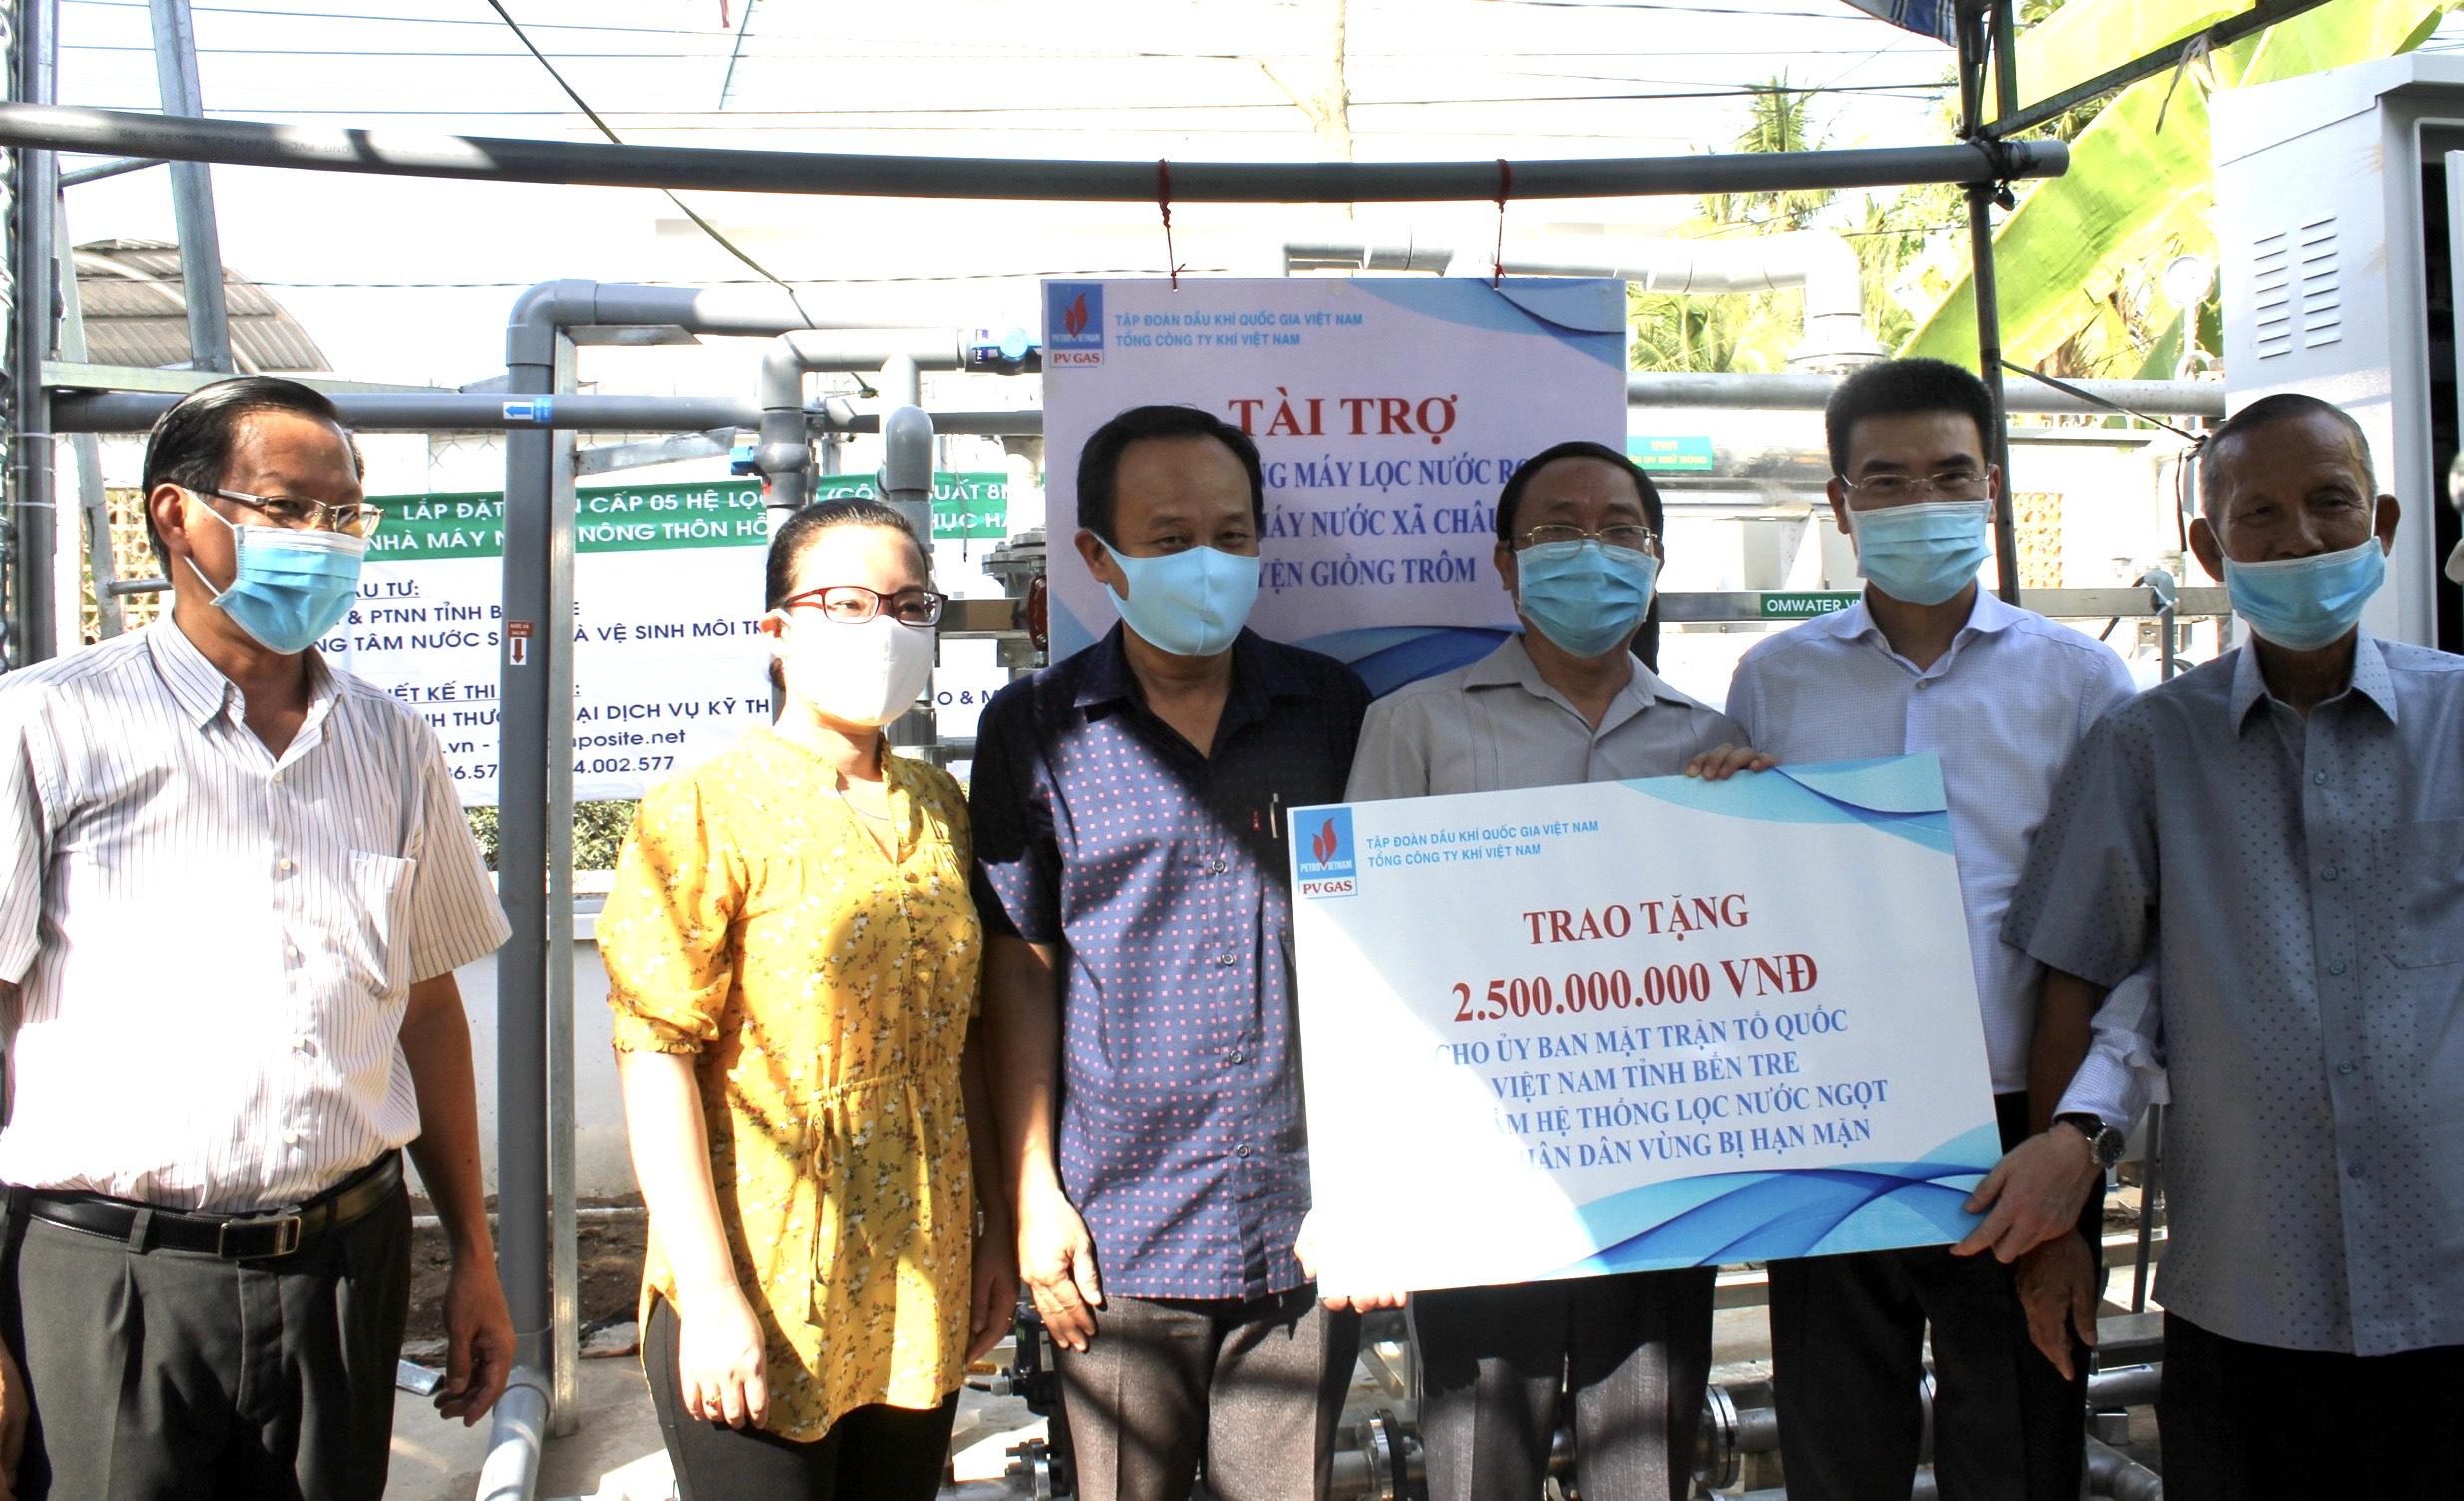 Nghi thức trao tặng 2 hệ thống lọc nước cho tỉnh Bến Tre